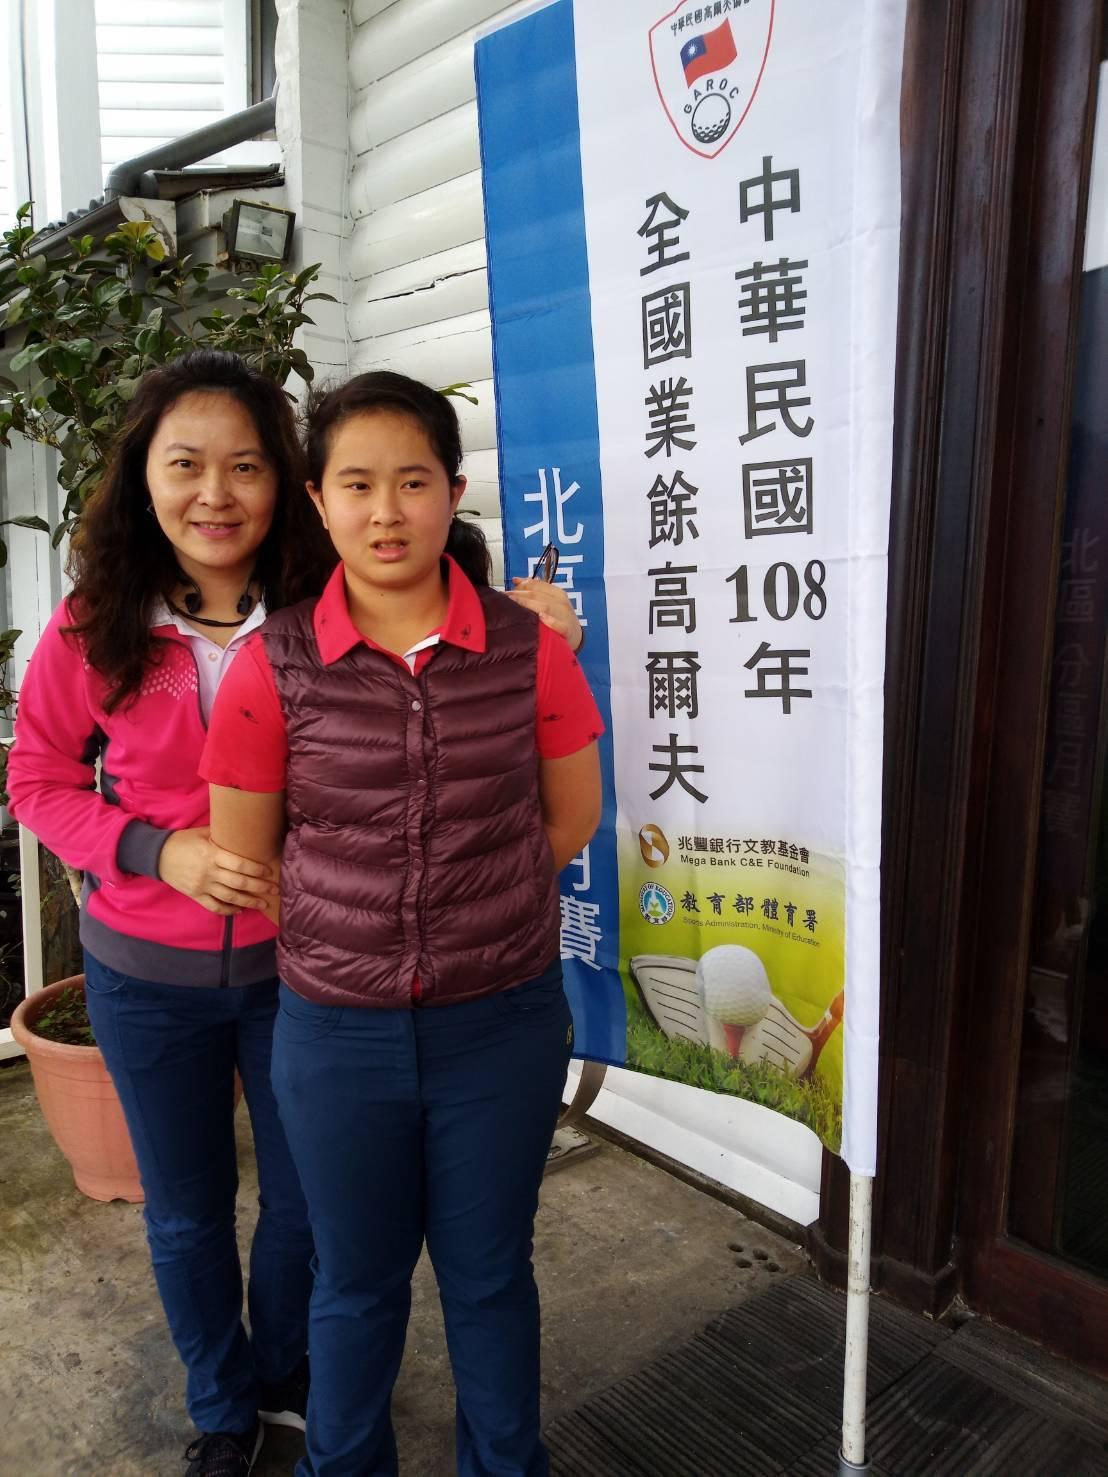 桃園會稽國中國一蔡宜儒在北區月賽第一輪以74桿領先各組選手。圖/中華高協提供